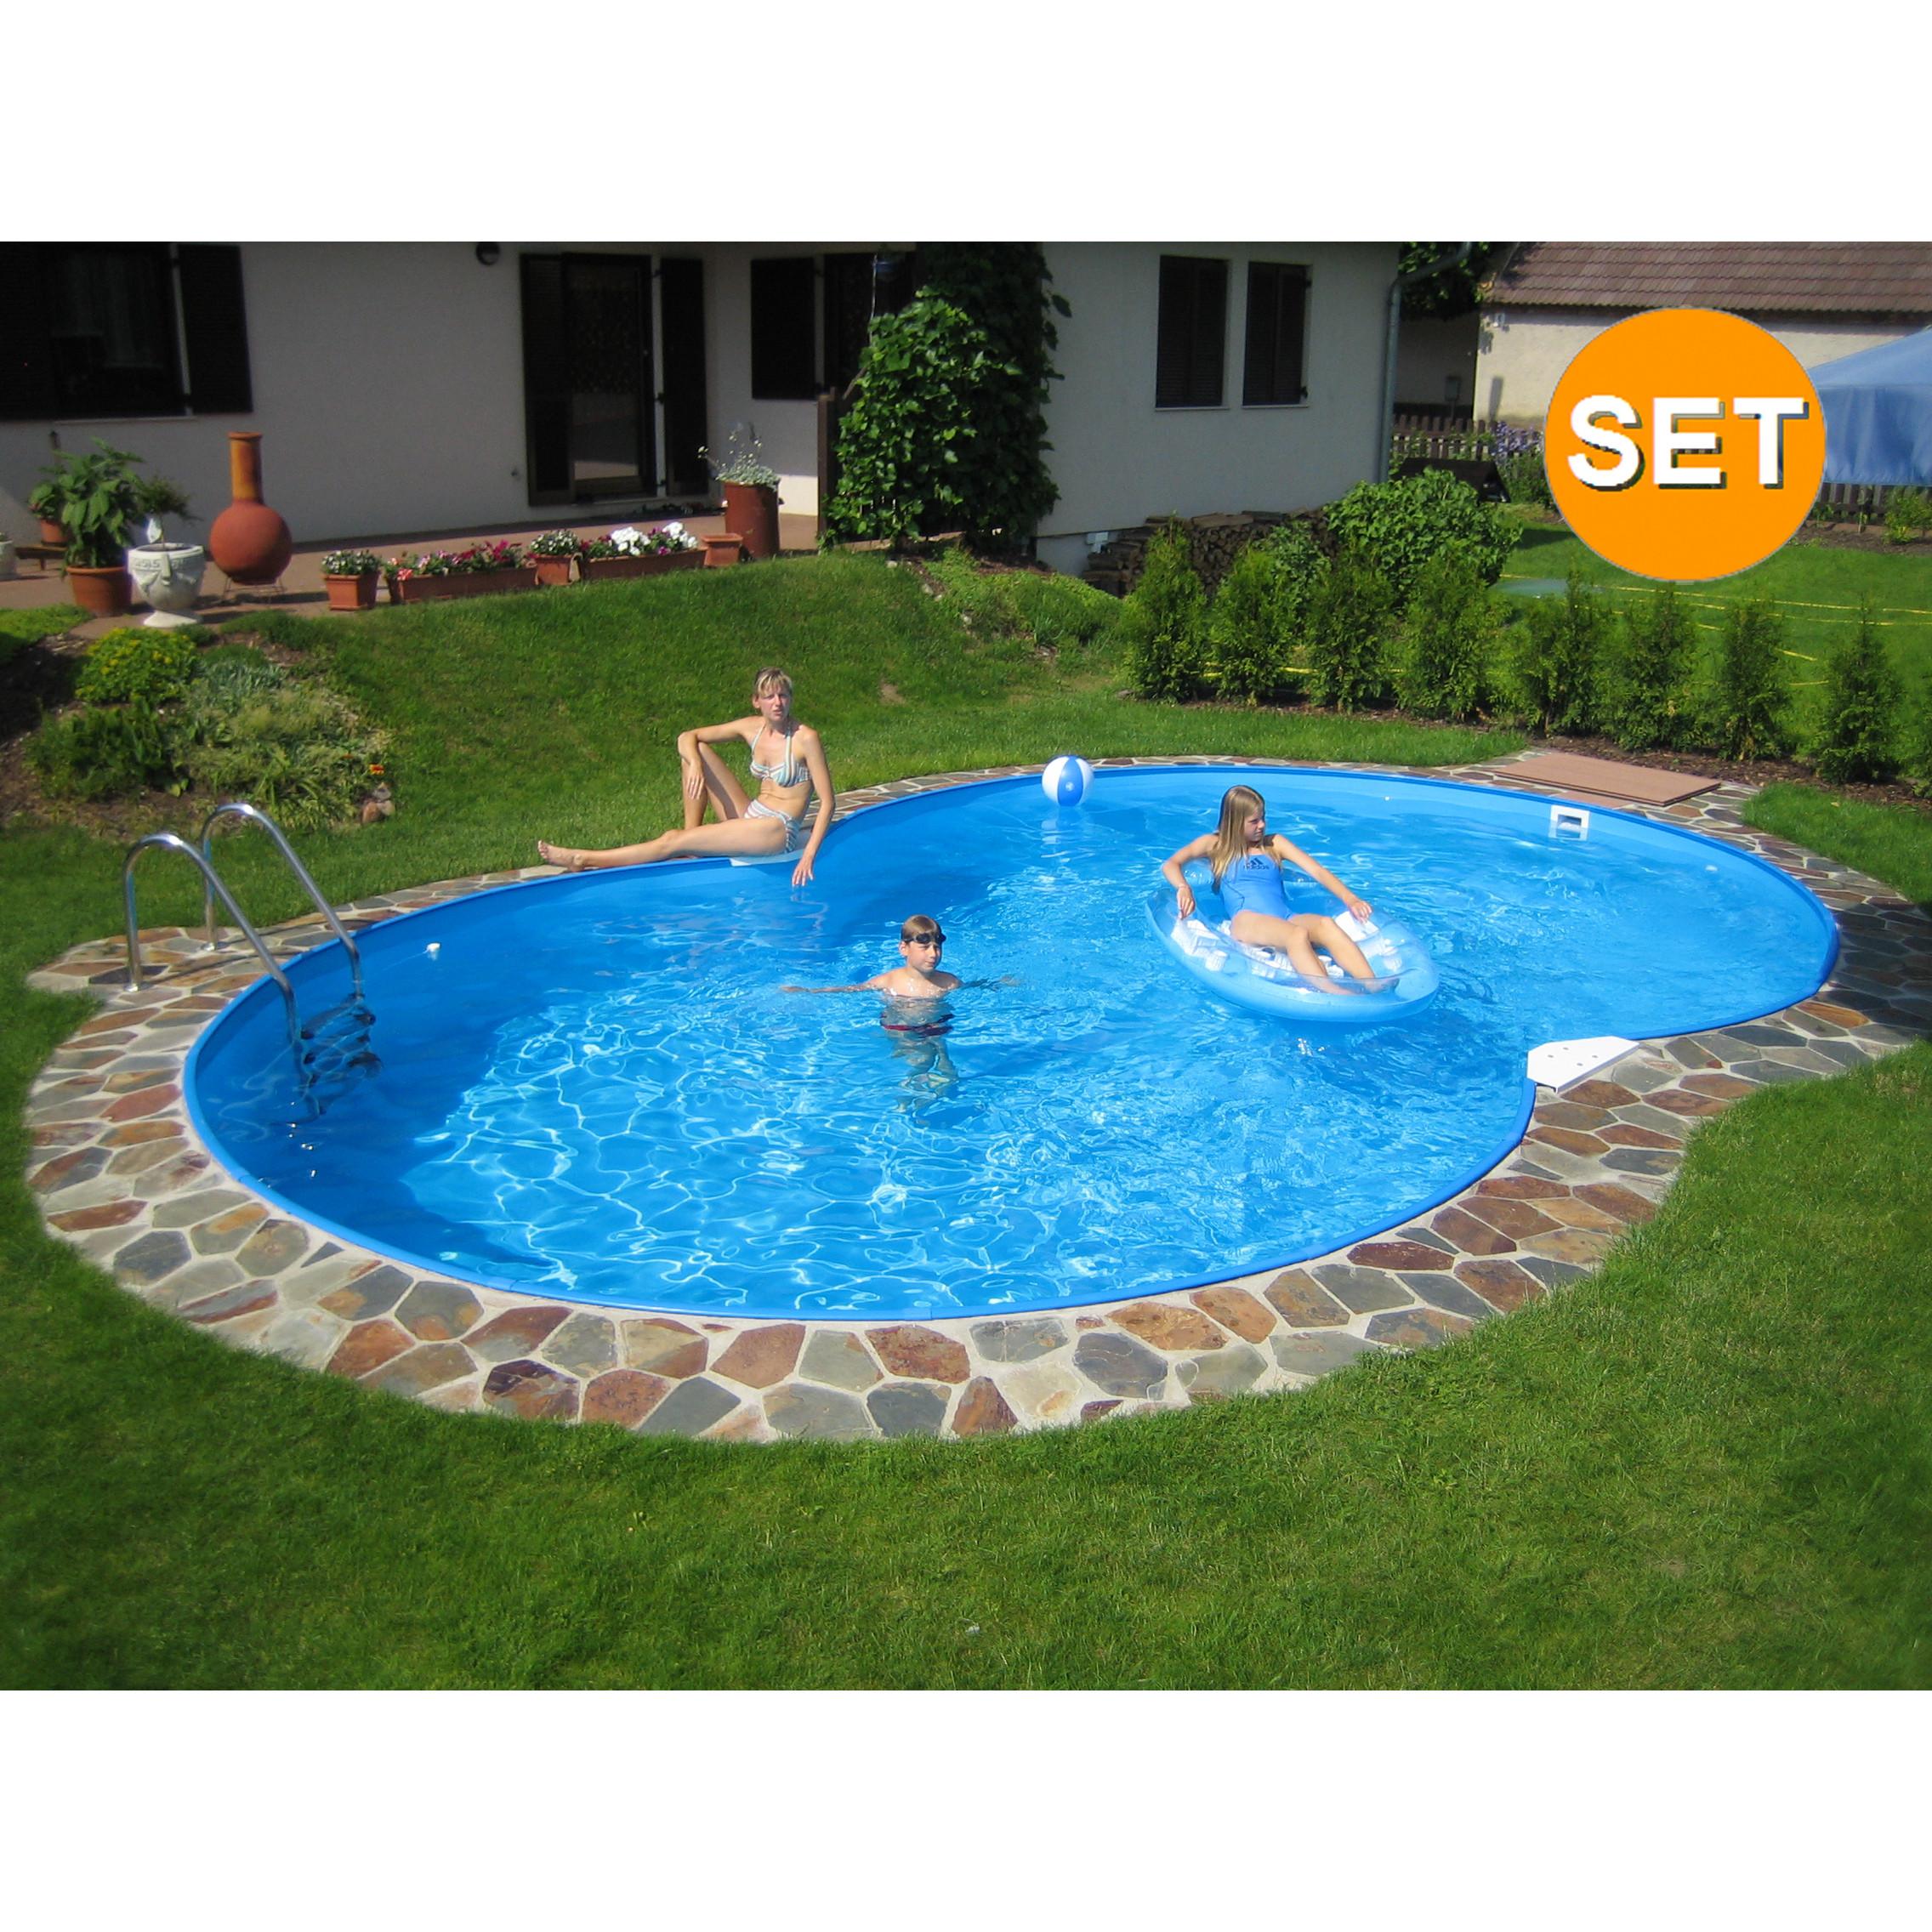 Family achtform pool 650 x 420 x 120 cm komplettset for Pool komplettset